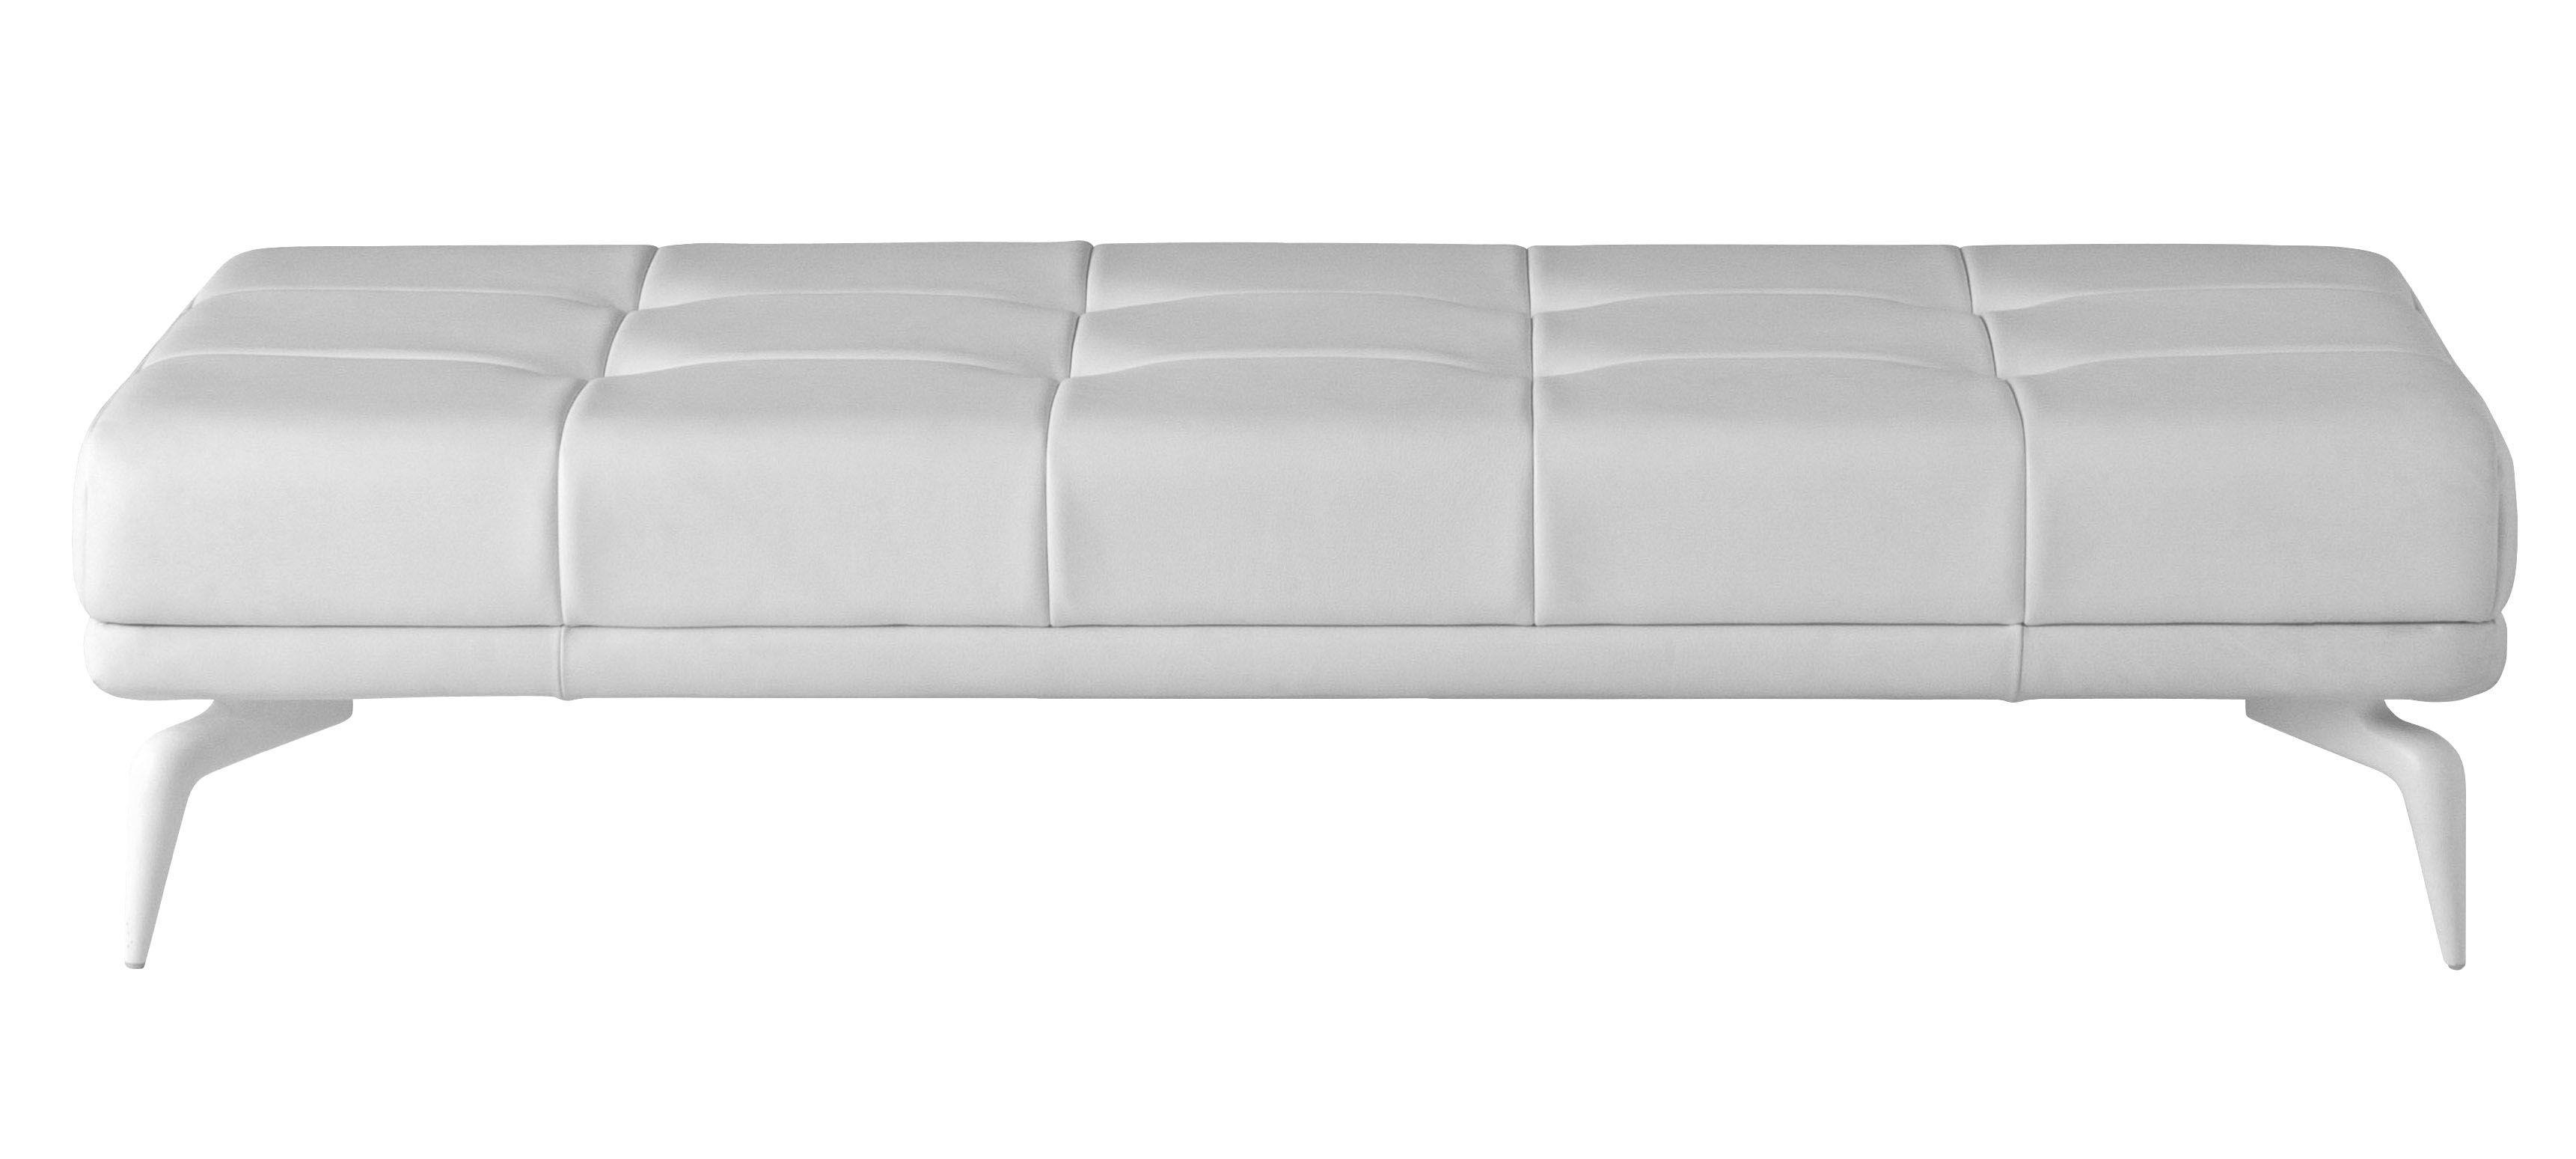 Arredamento - Pouf - Panchina Leeon di Driade - Pelle bianca - Alluminio laccato, Pelle